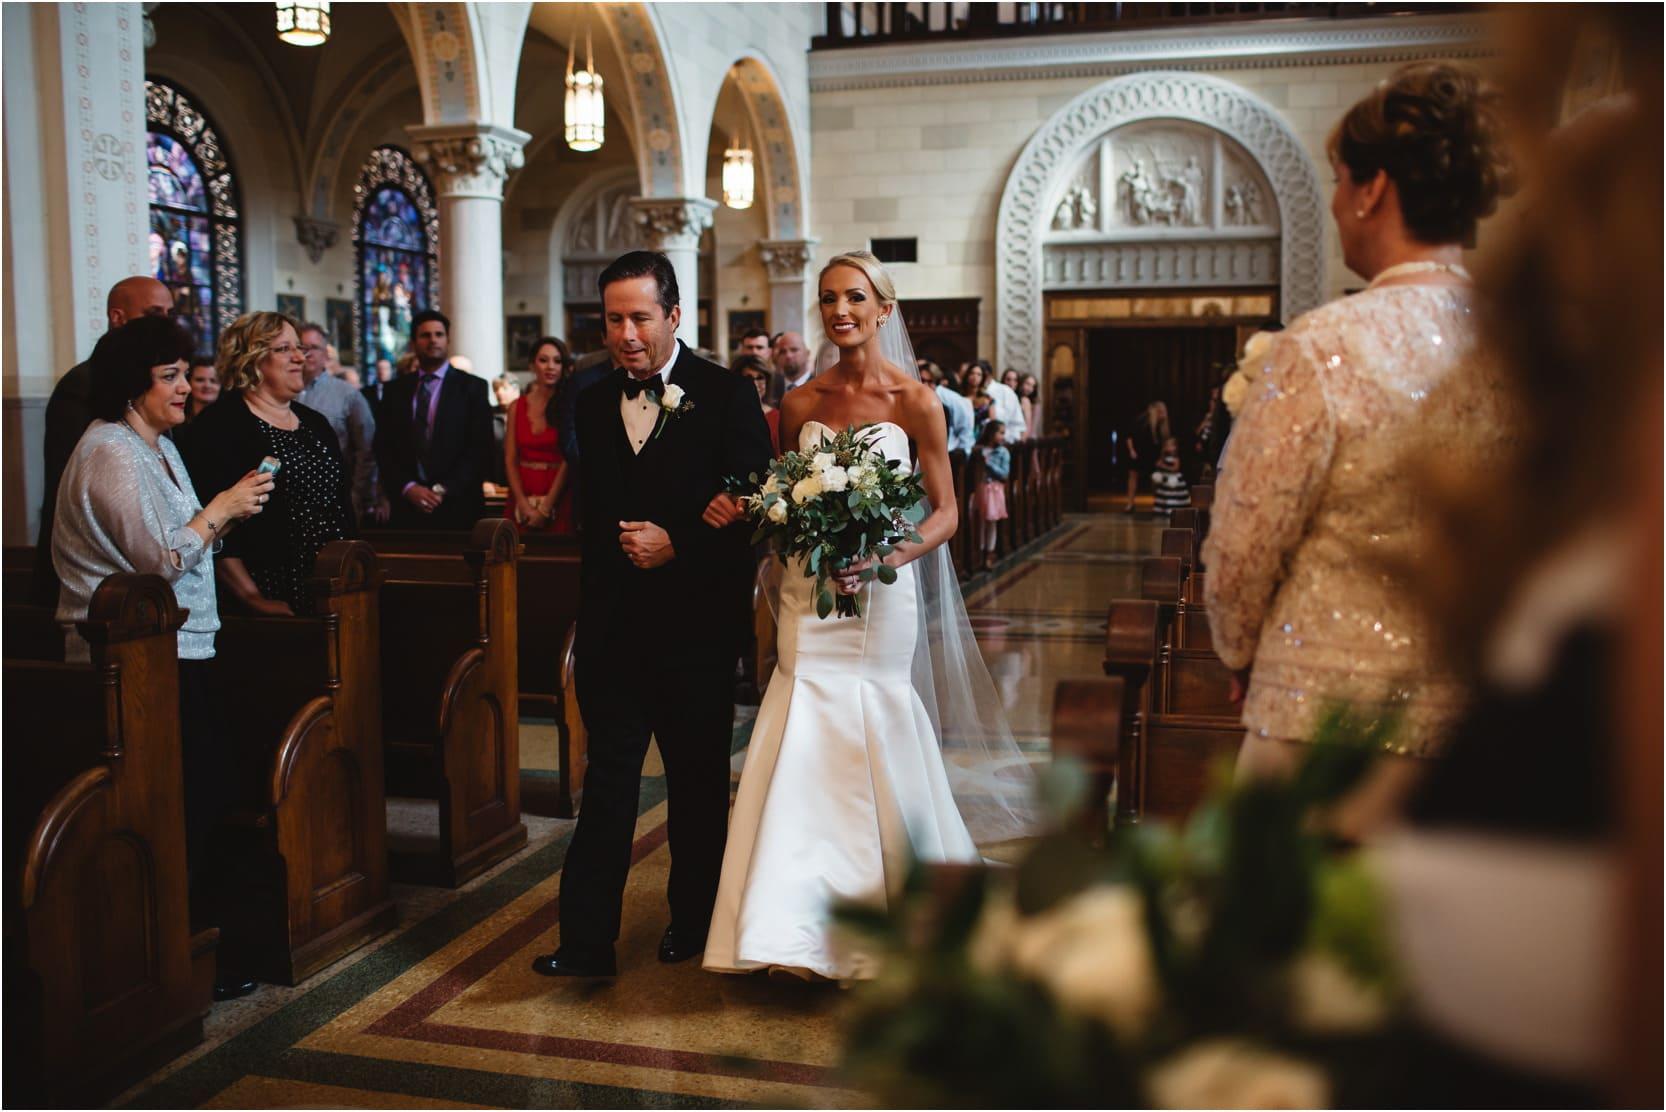 angellini_wedding__581